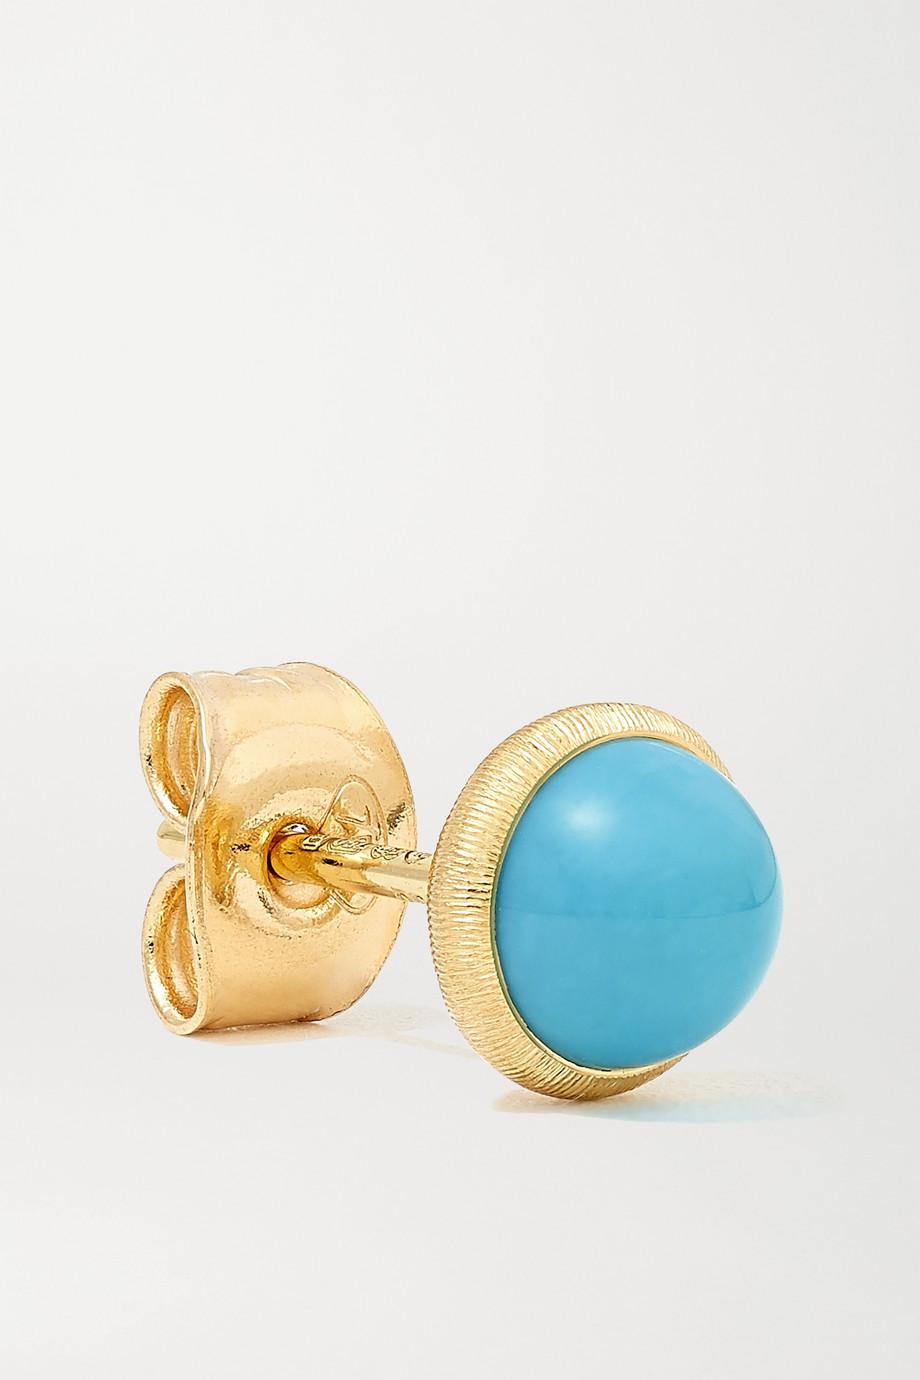 OLE LYNGGAARD COPENHAGEN Lotus 18-karat gold turquoise earrings